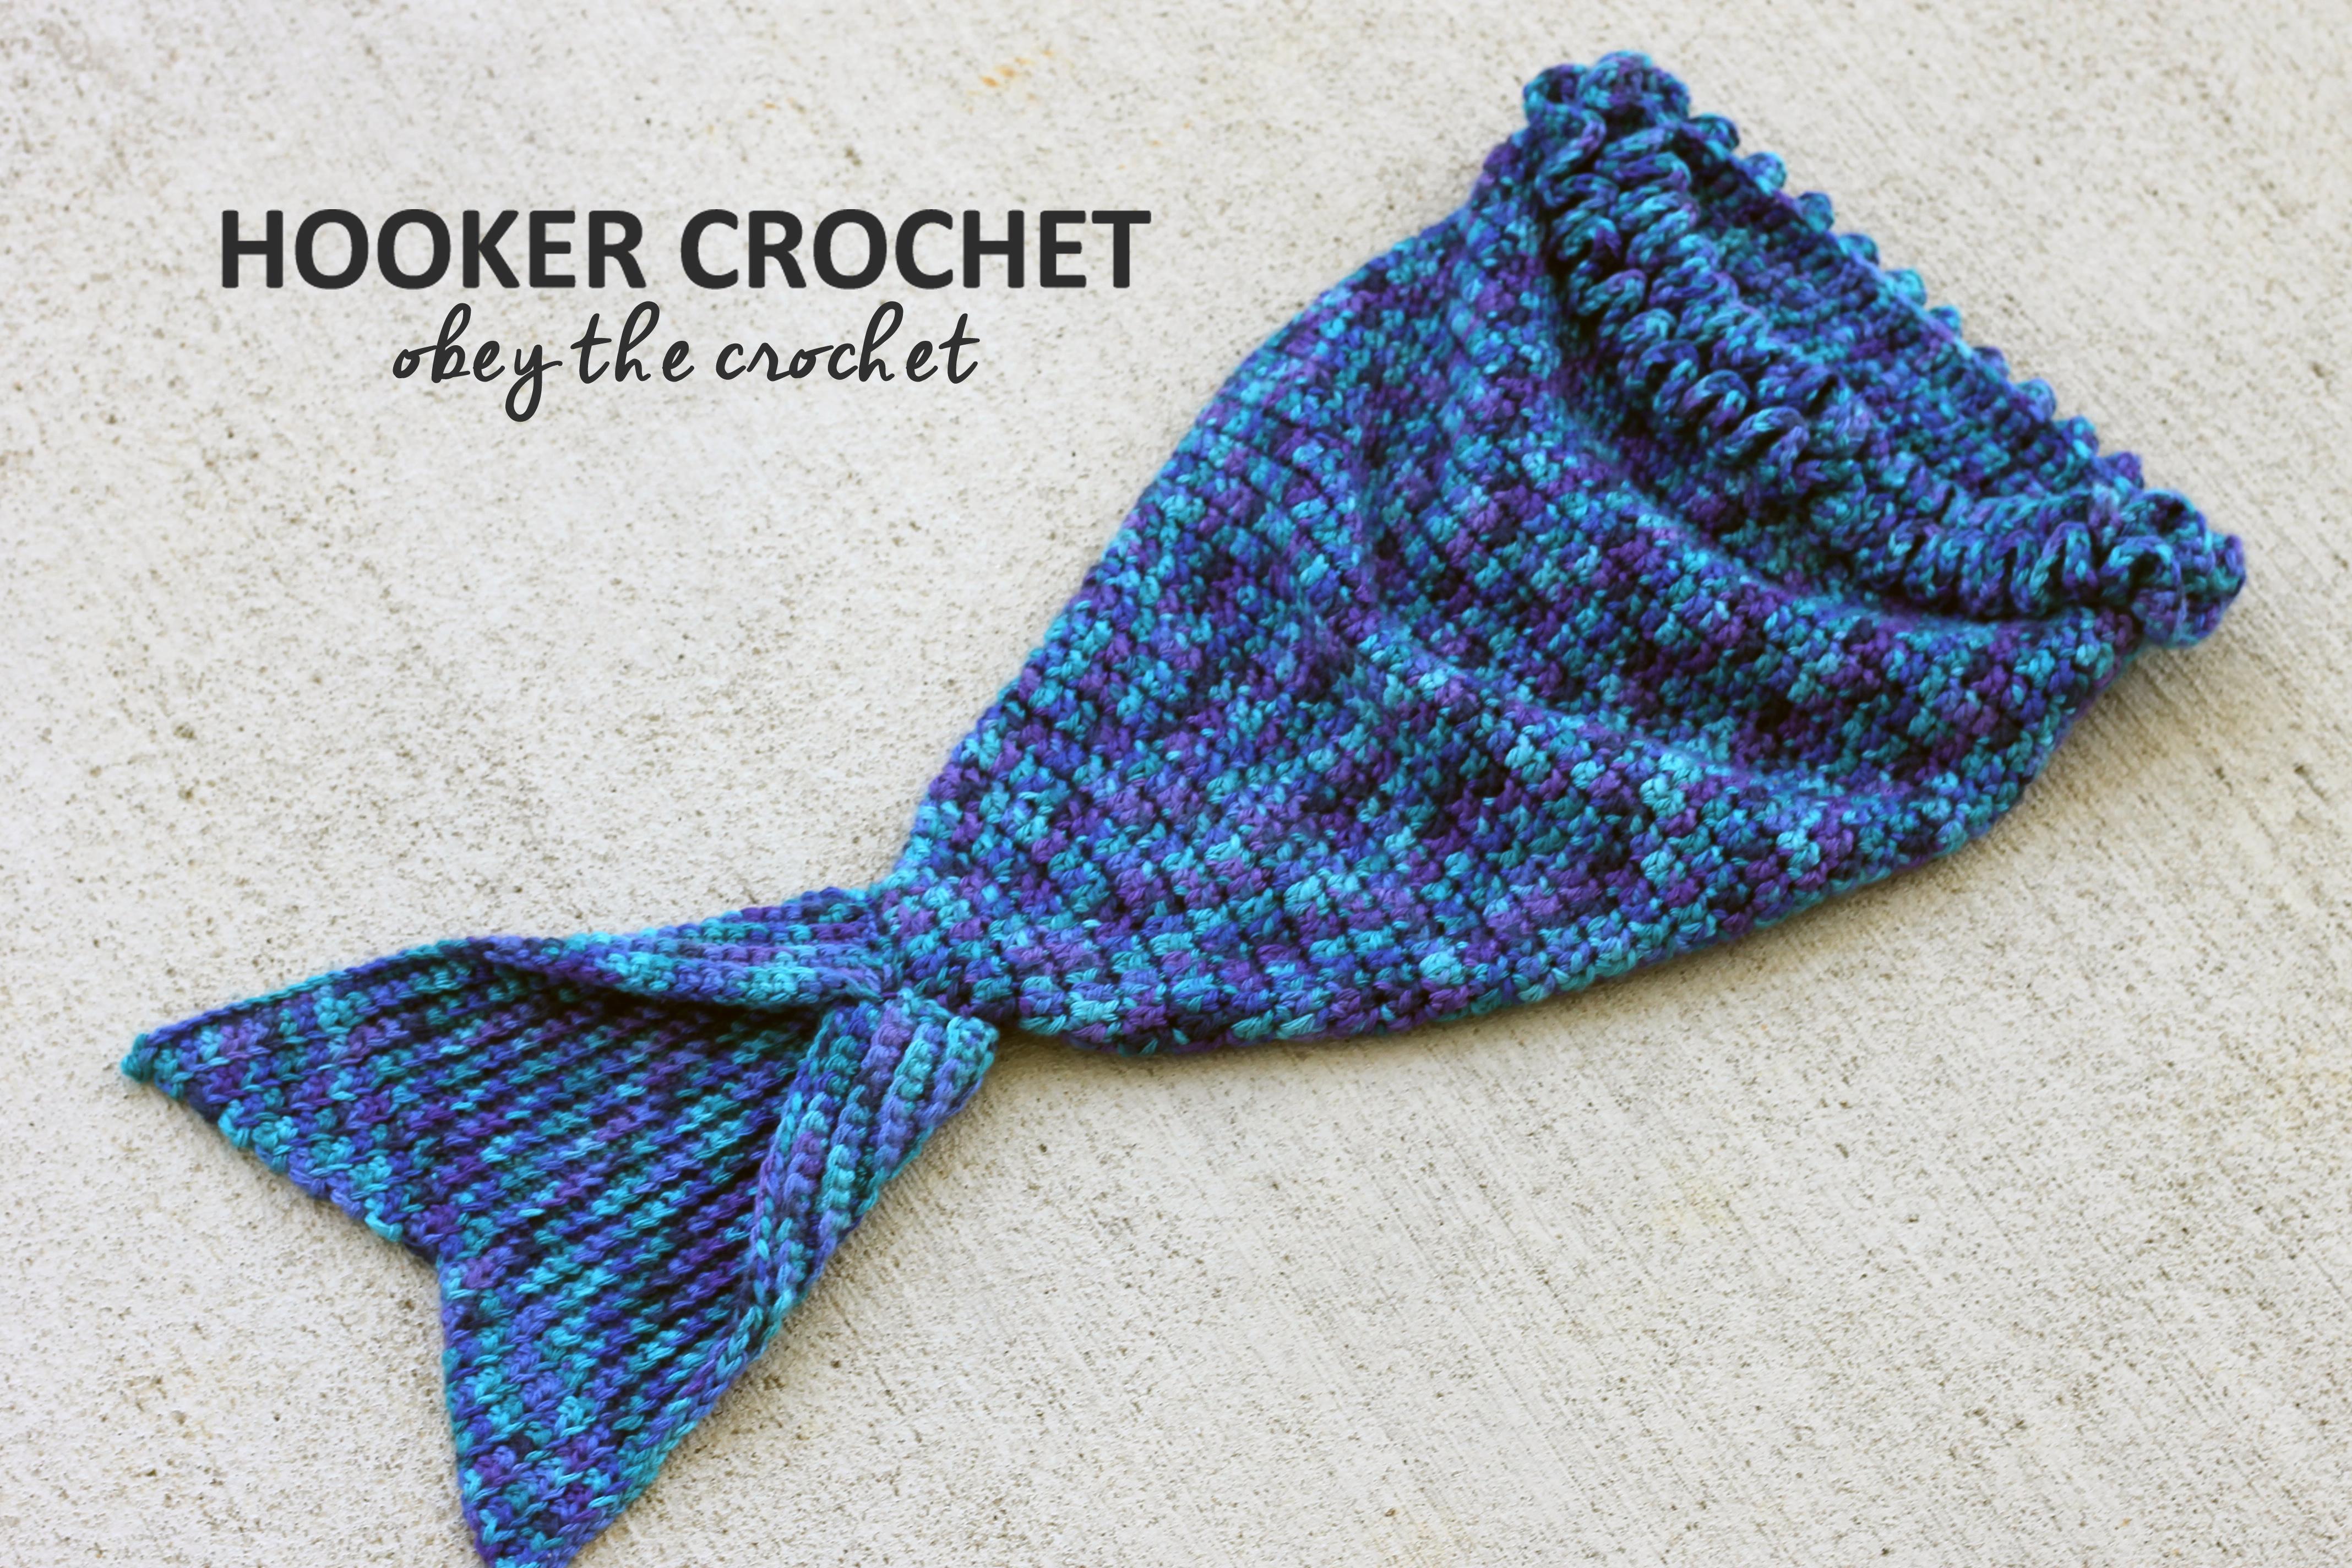 Mystic Mermaid Cocoon – Free Crochet Pattern in Post | Hooker Crochet